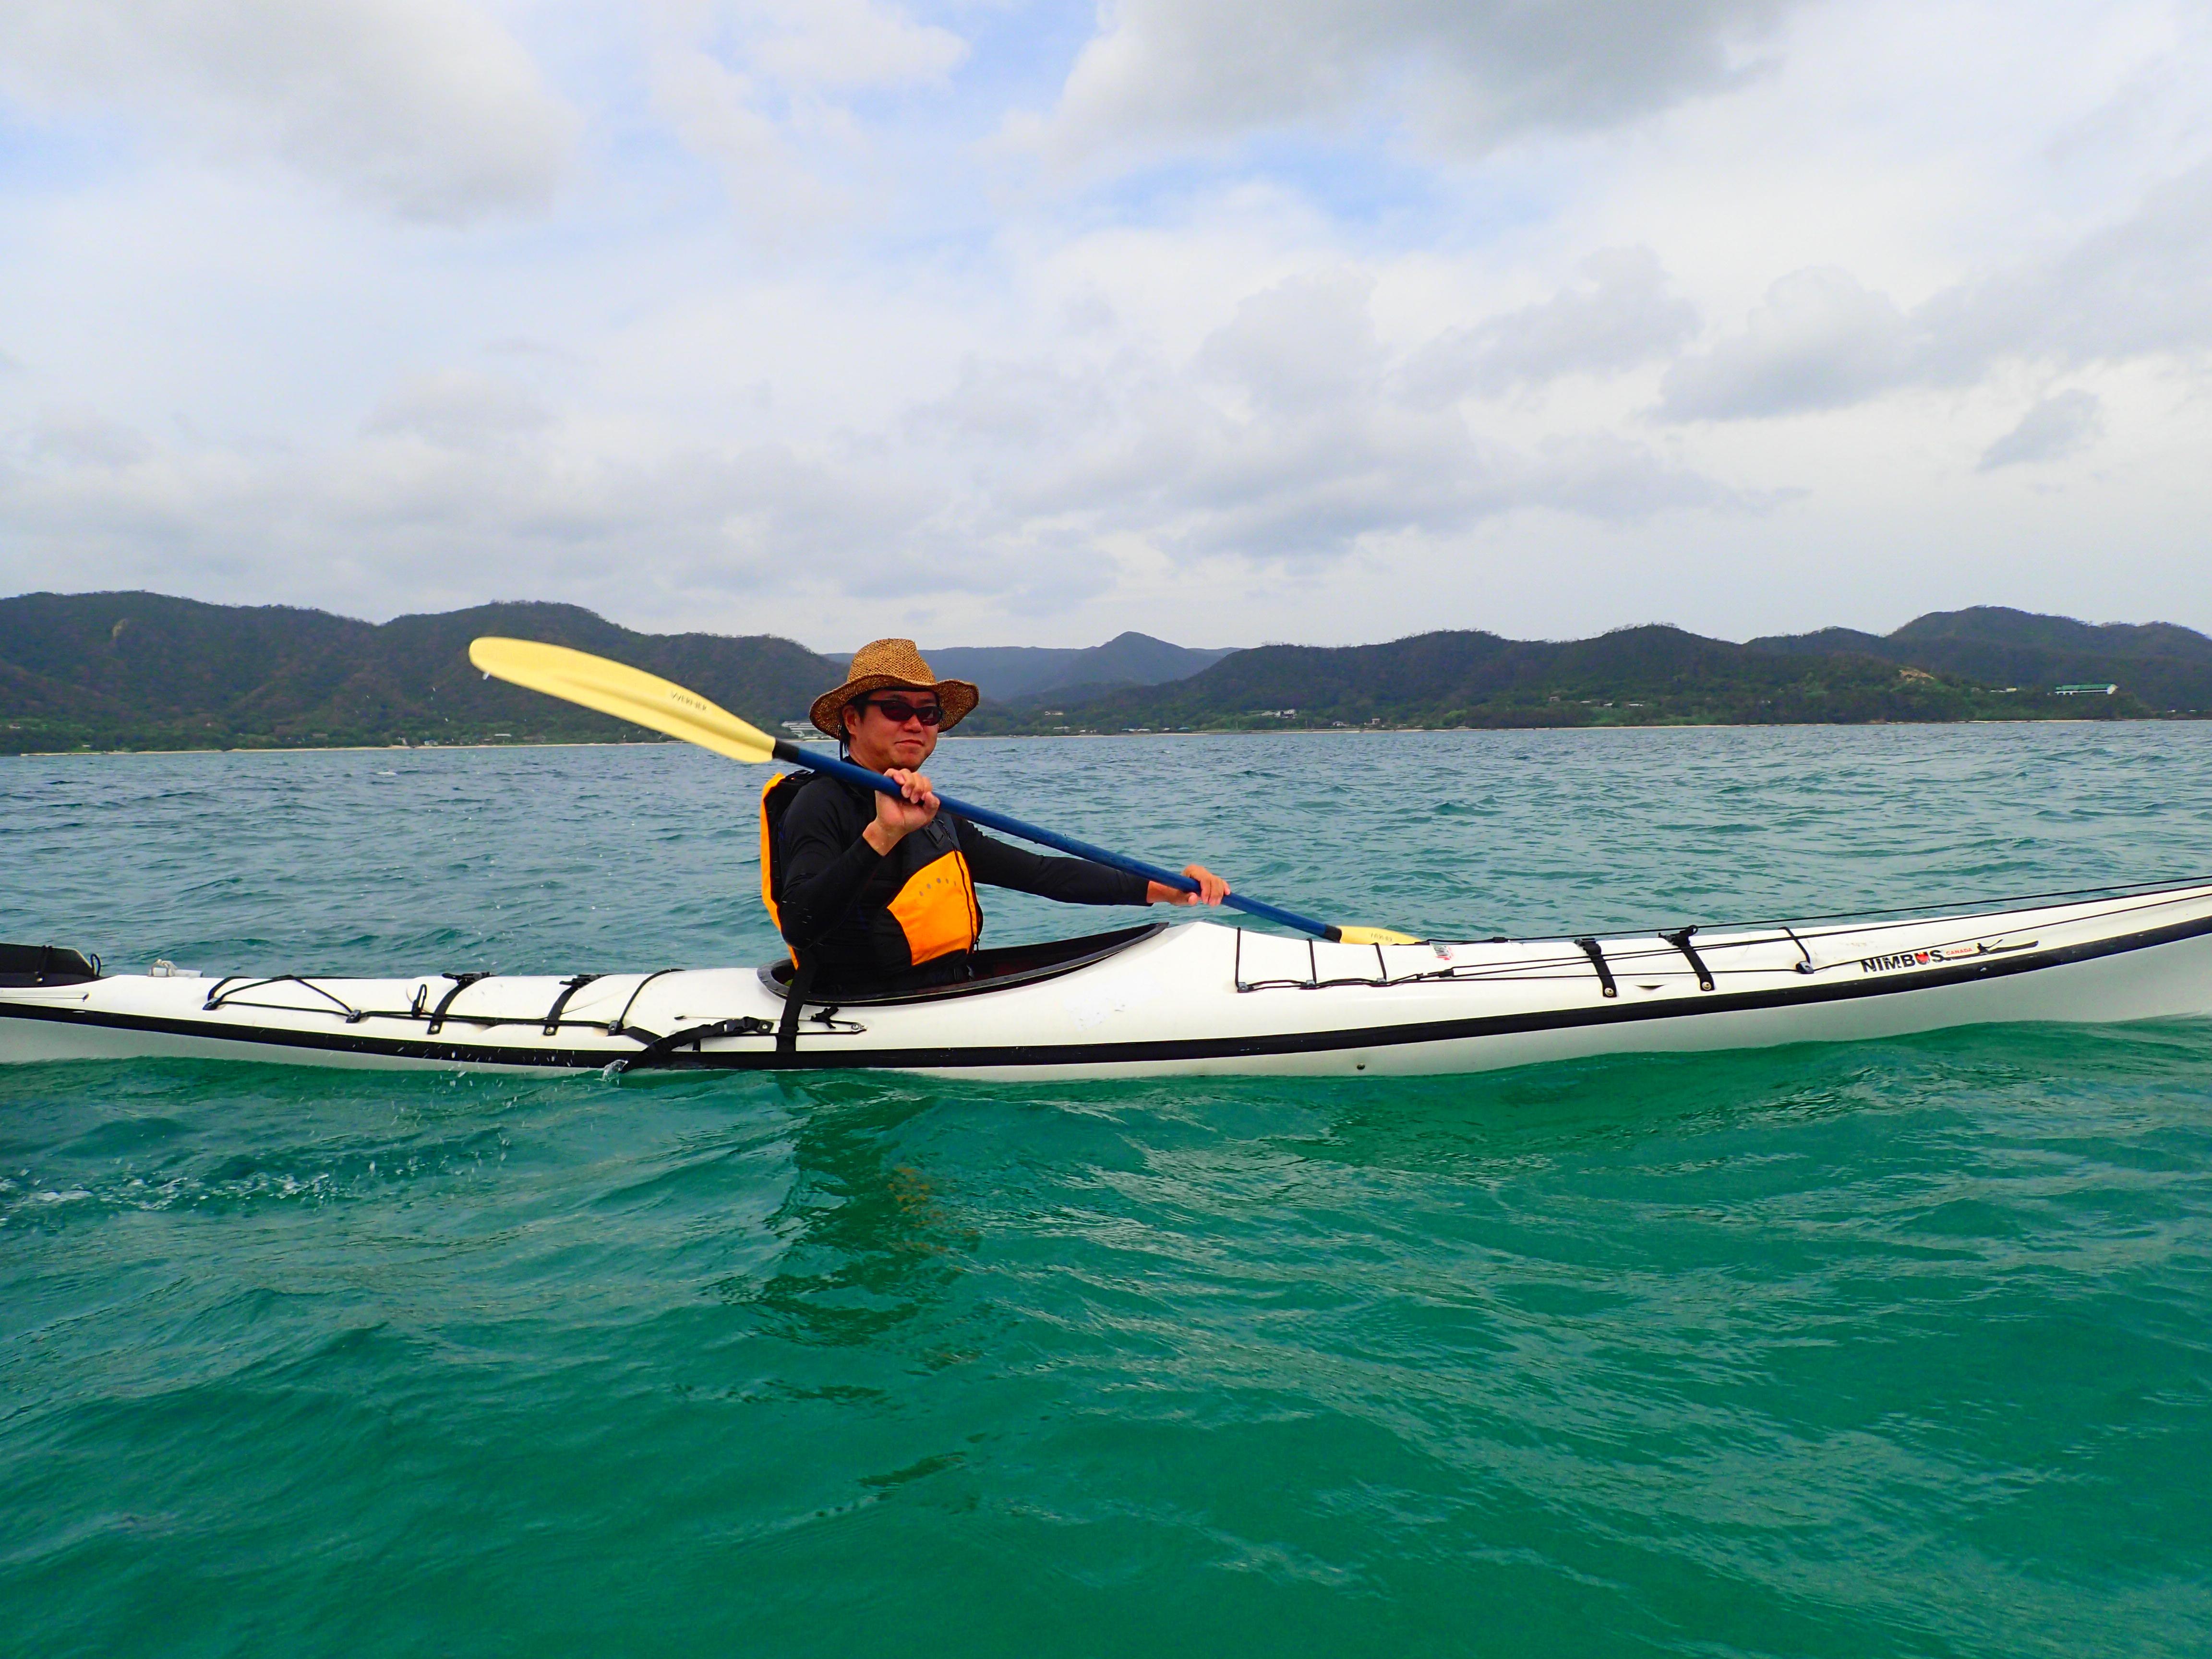 ニヤックに乗って笠利湾を漕ぐ。